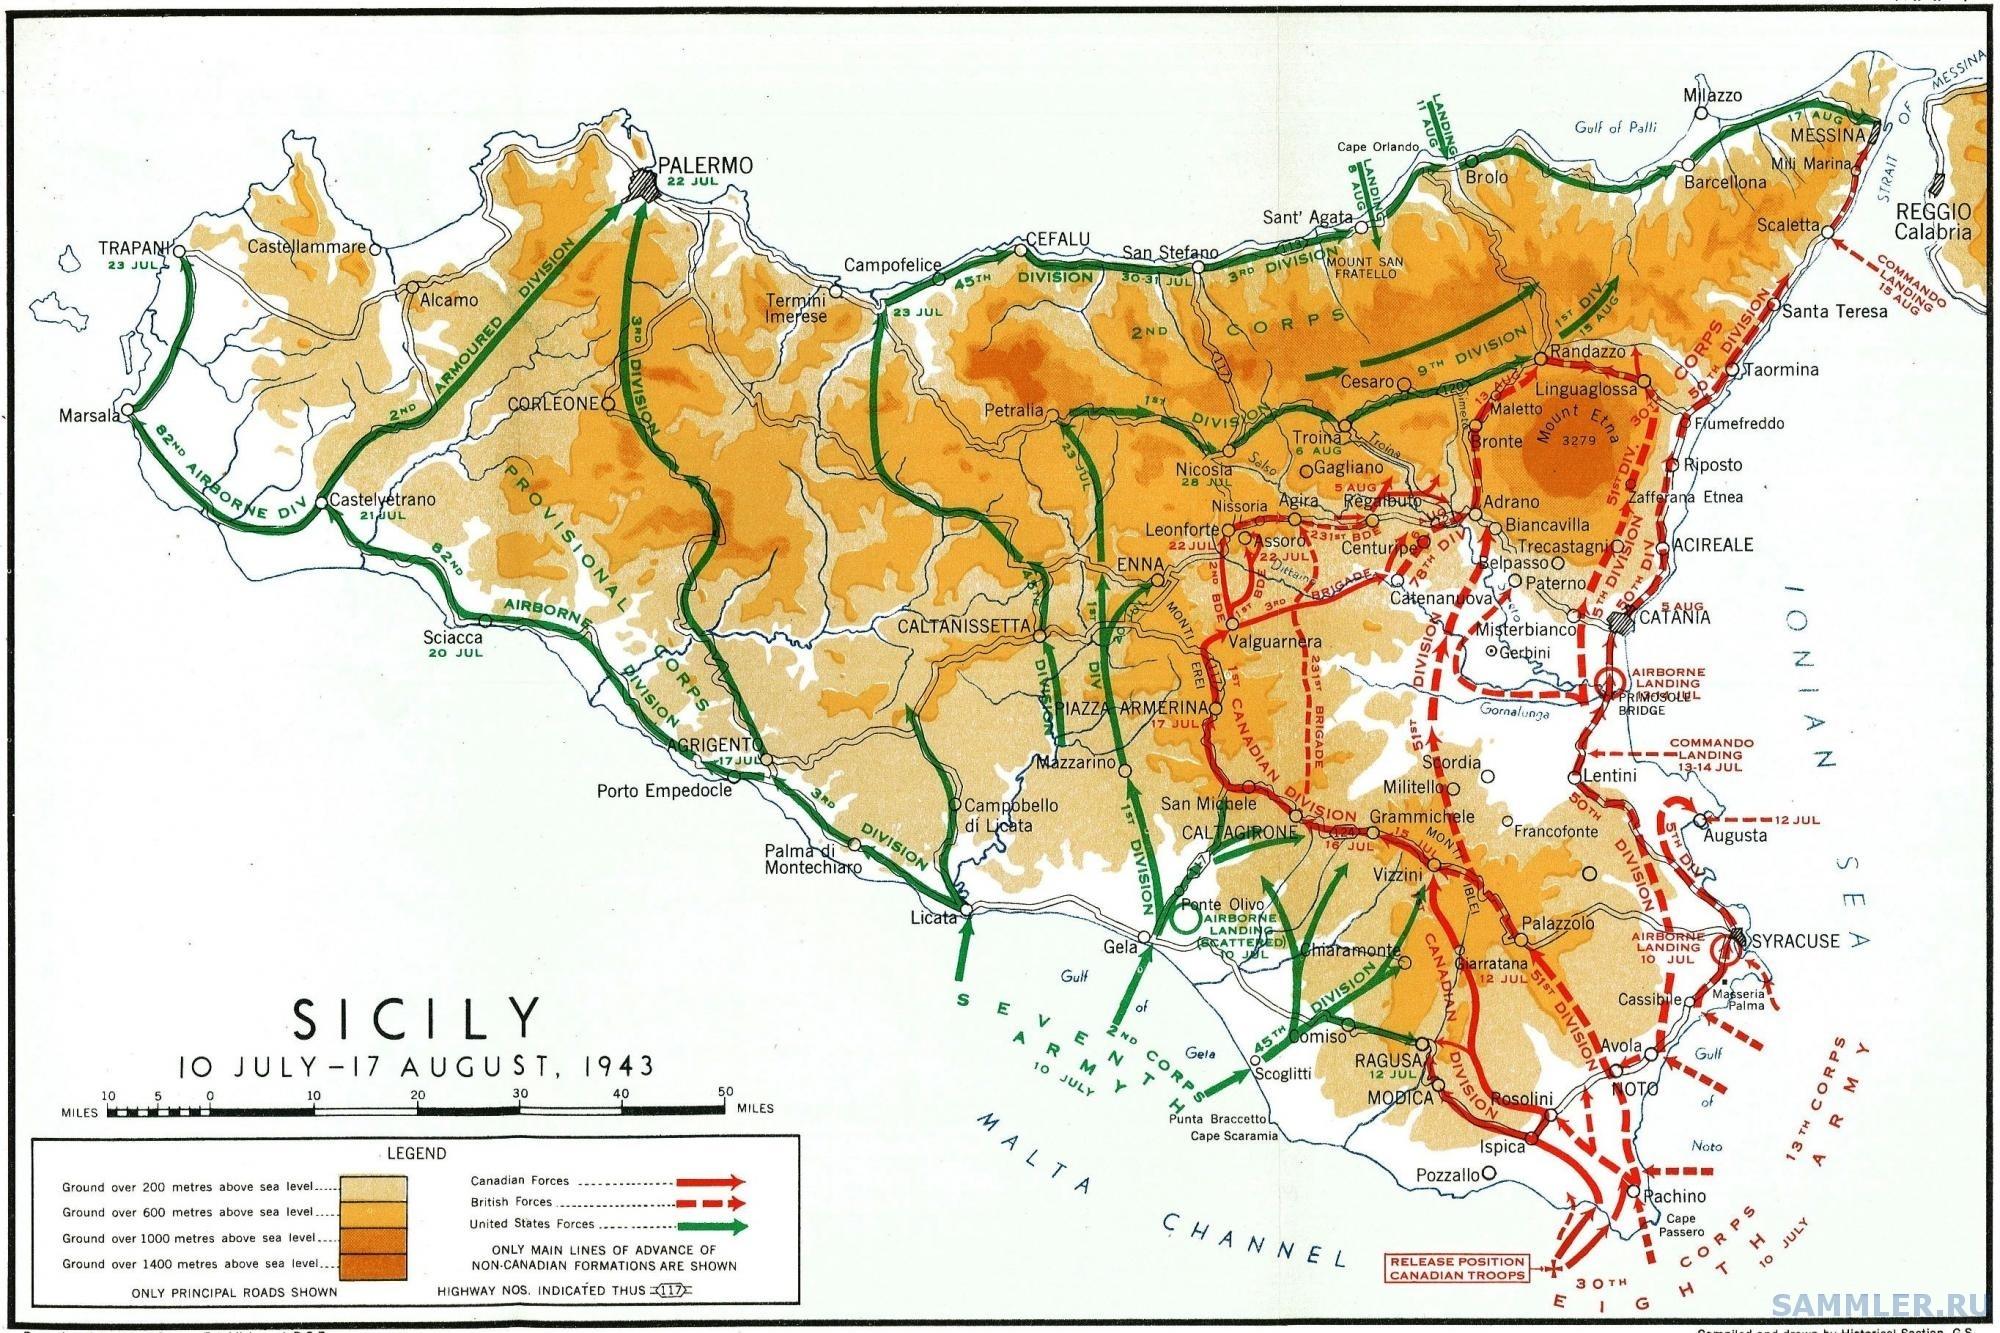 Sicily Ops 1-2 - Jul-Aug 43 - Map 1.jpg